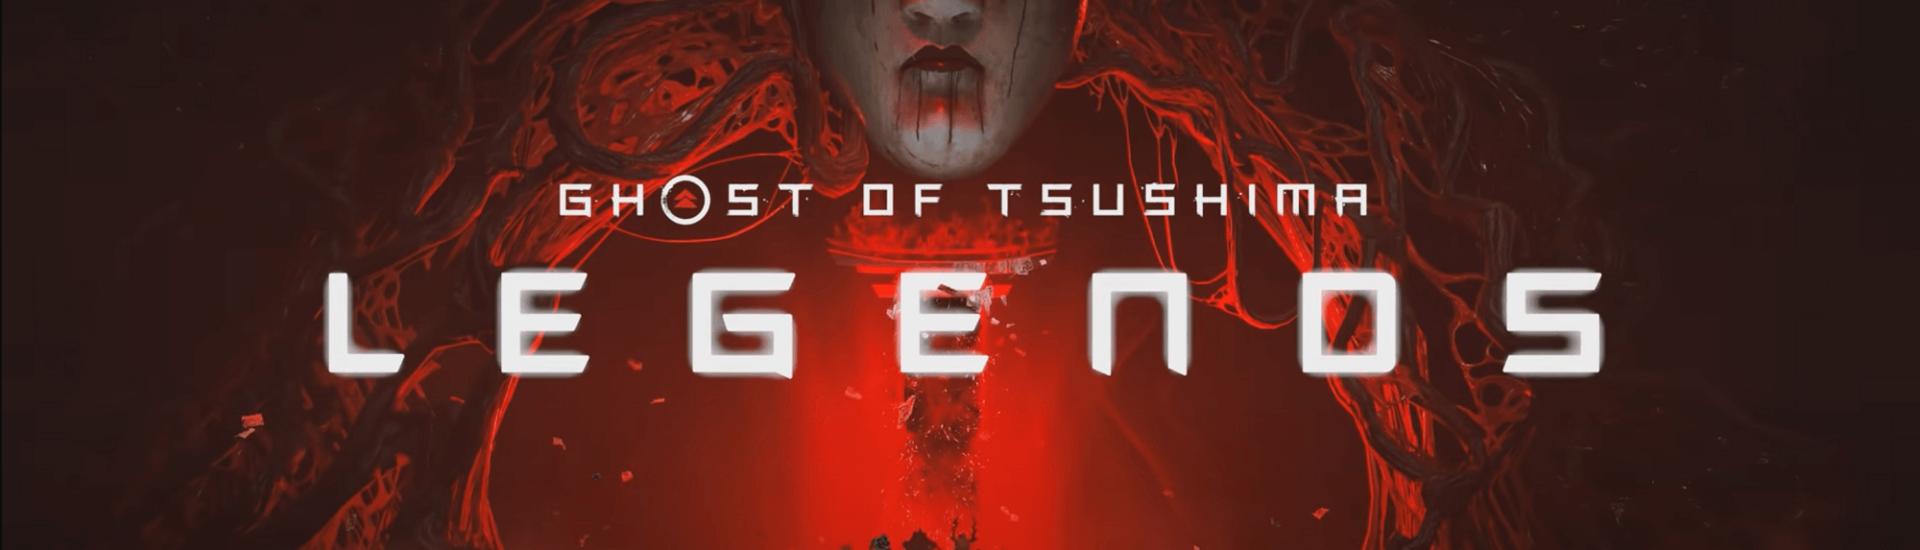 Ghost of Tsushima: Im Koop bekämpfen wir die Mongolen